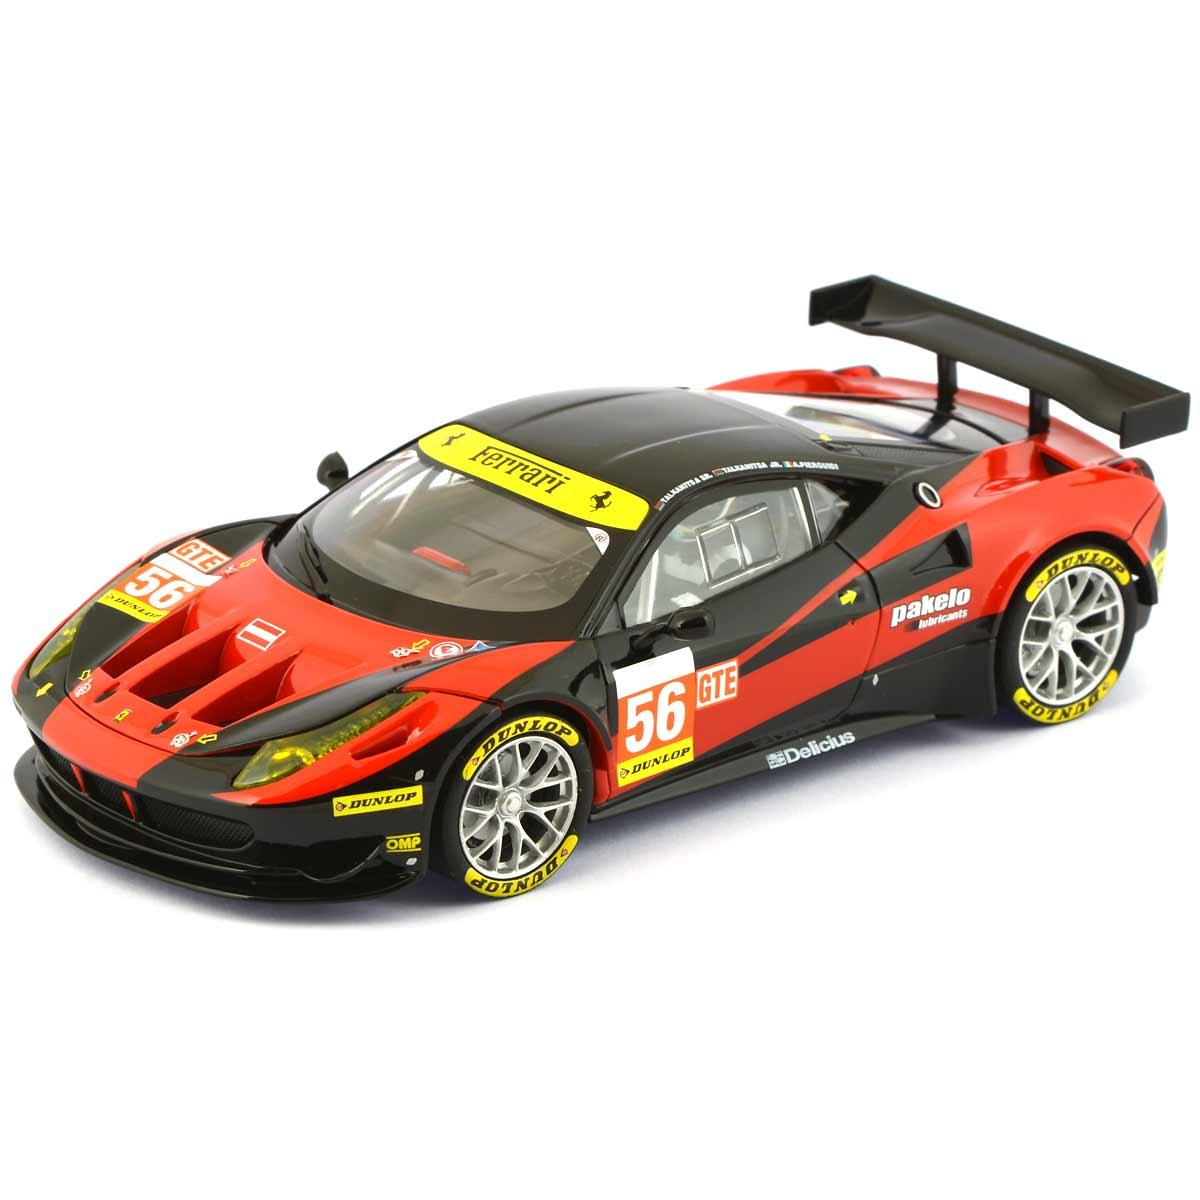 Gt Racing 2 The Real Car: Carrera Ferrari 458 Italia GT2 No.56 AT Racing (27511